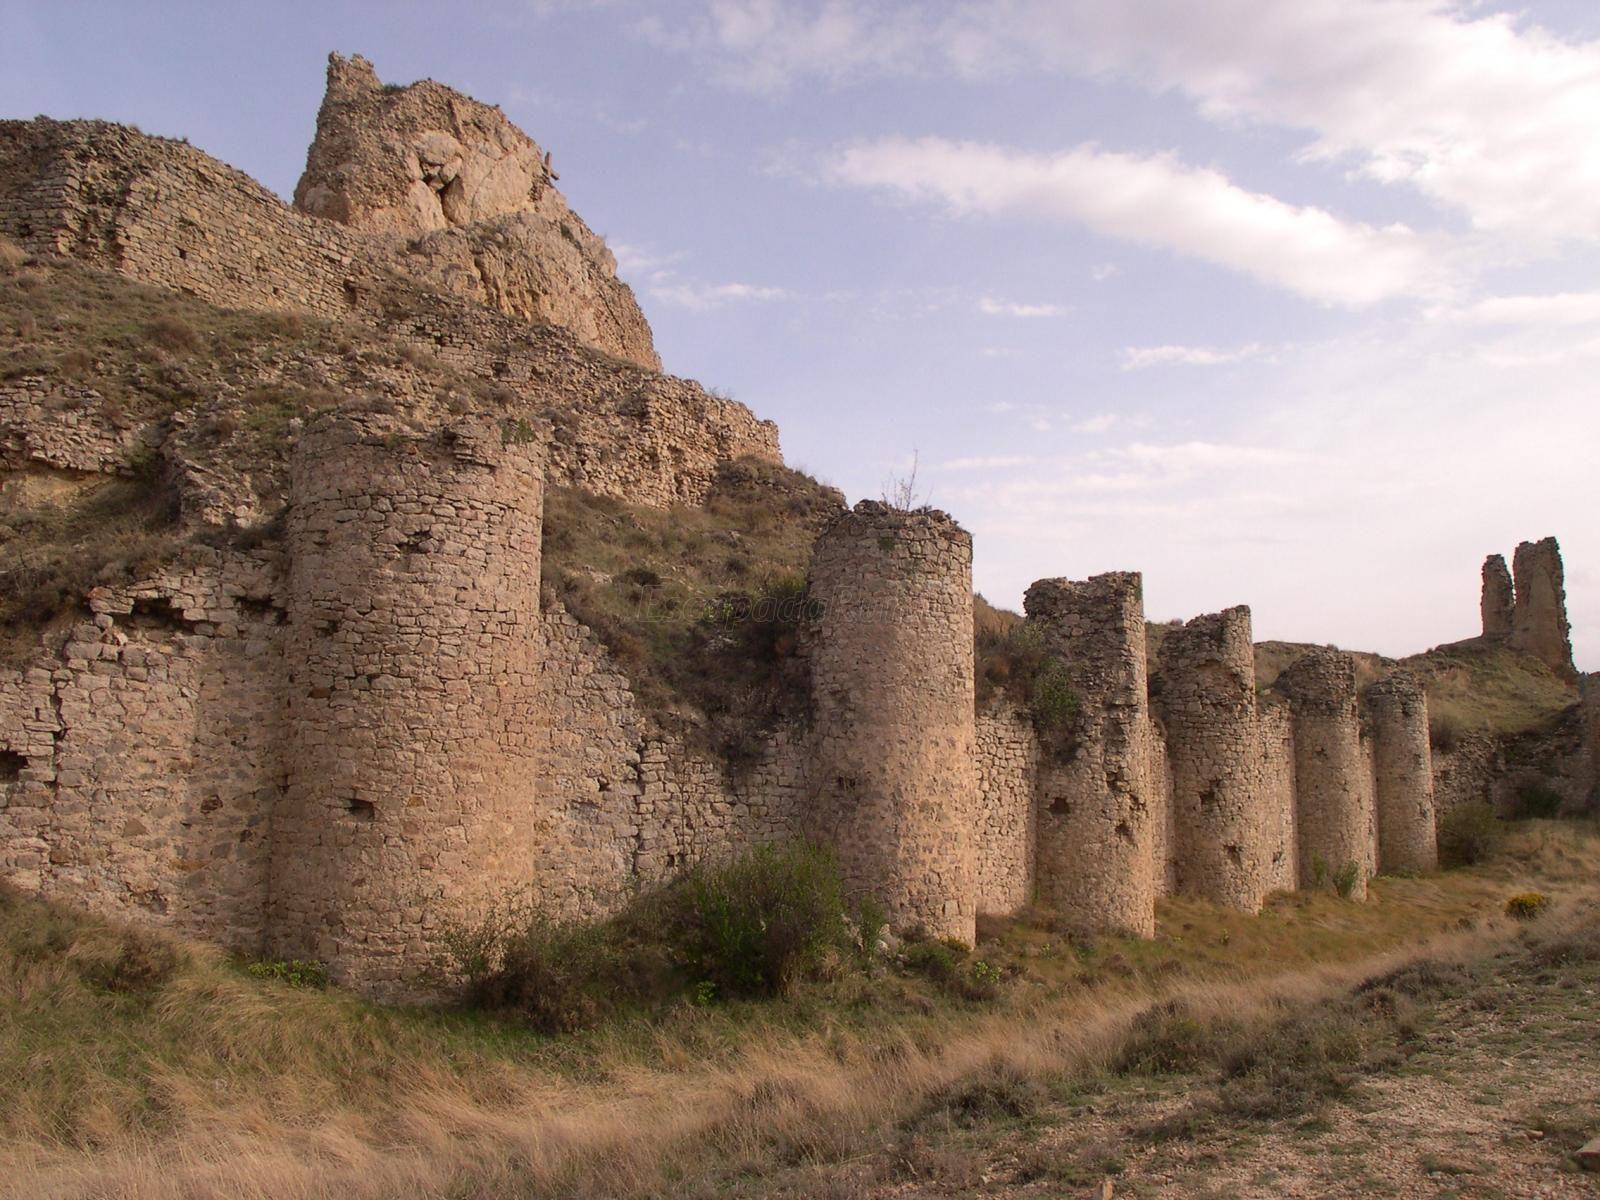 Toda La Información Sobre Aliaga Pueblo De Teruel Qué Ver Alojamientos Rurales Donde Dormir Opiniones De Otros Viajeros Fotos Y Cómo Llegar Descubre Lo M